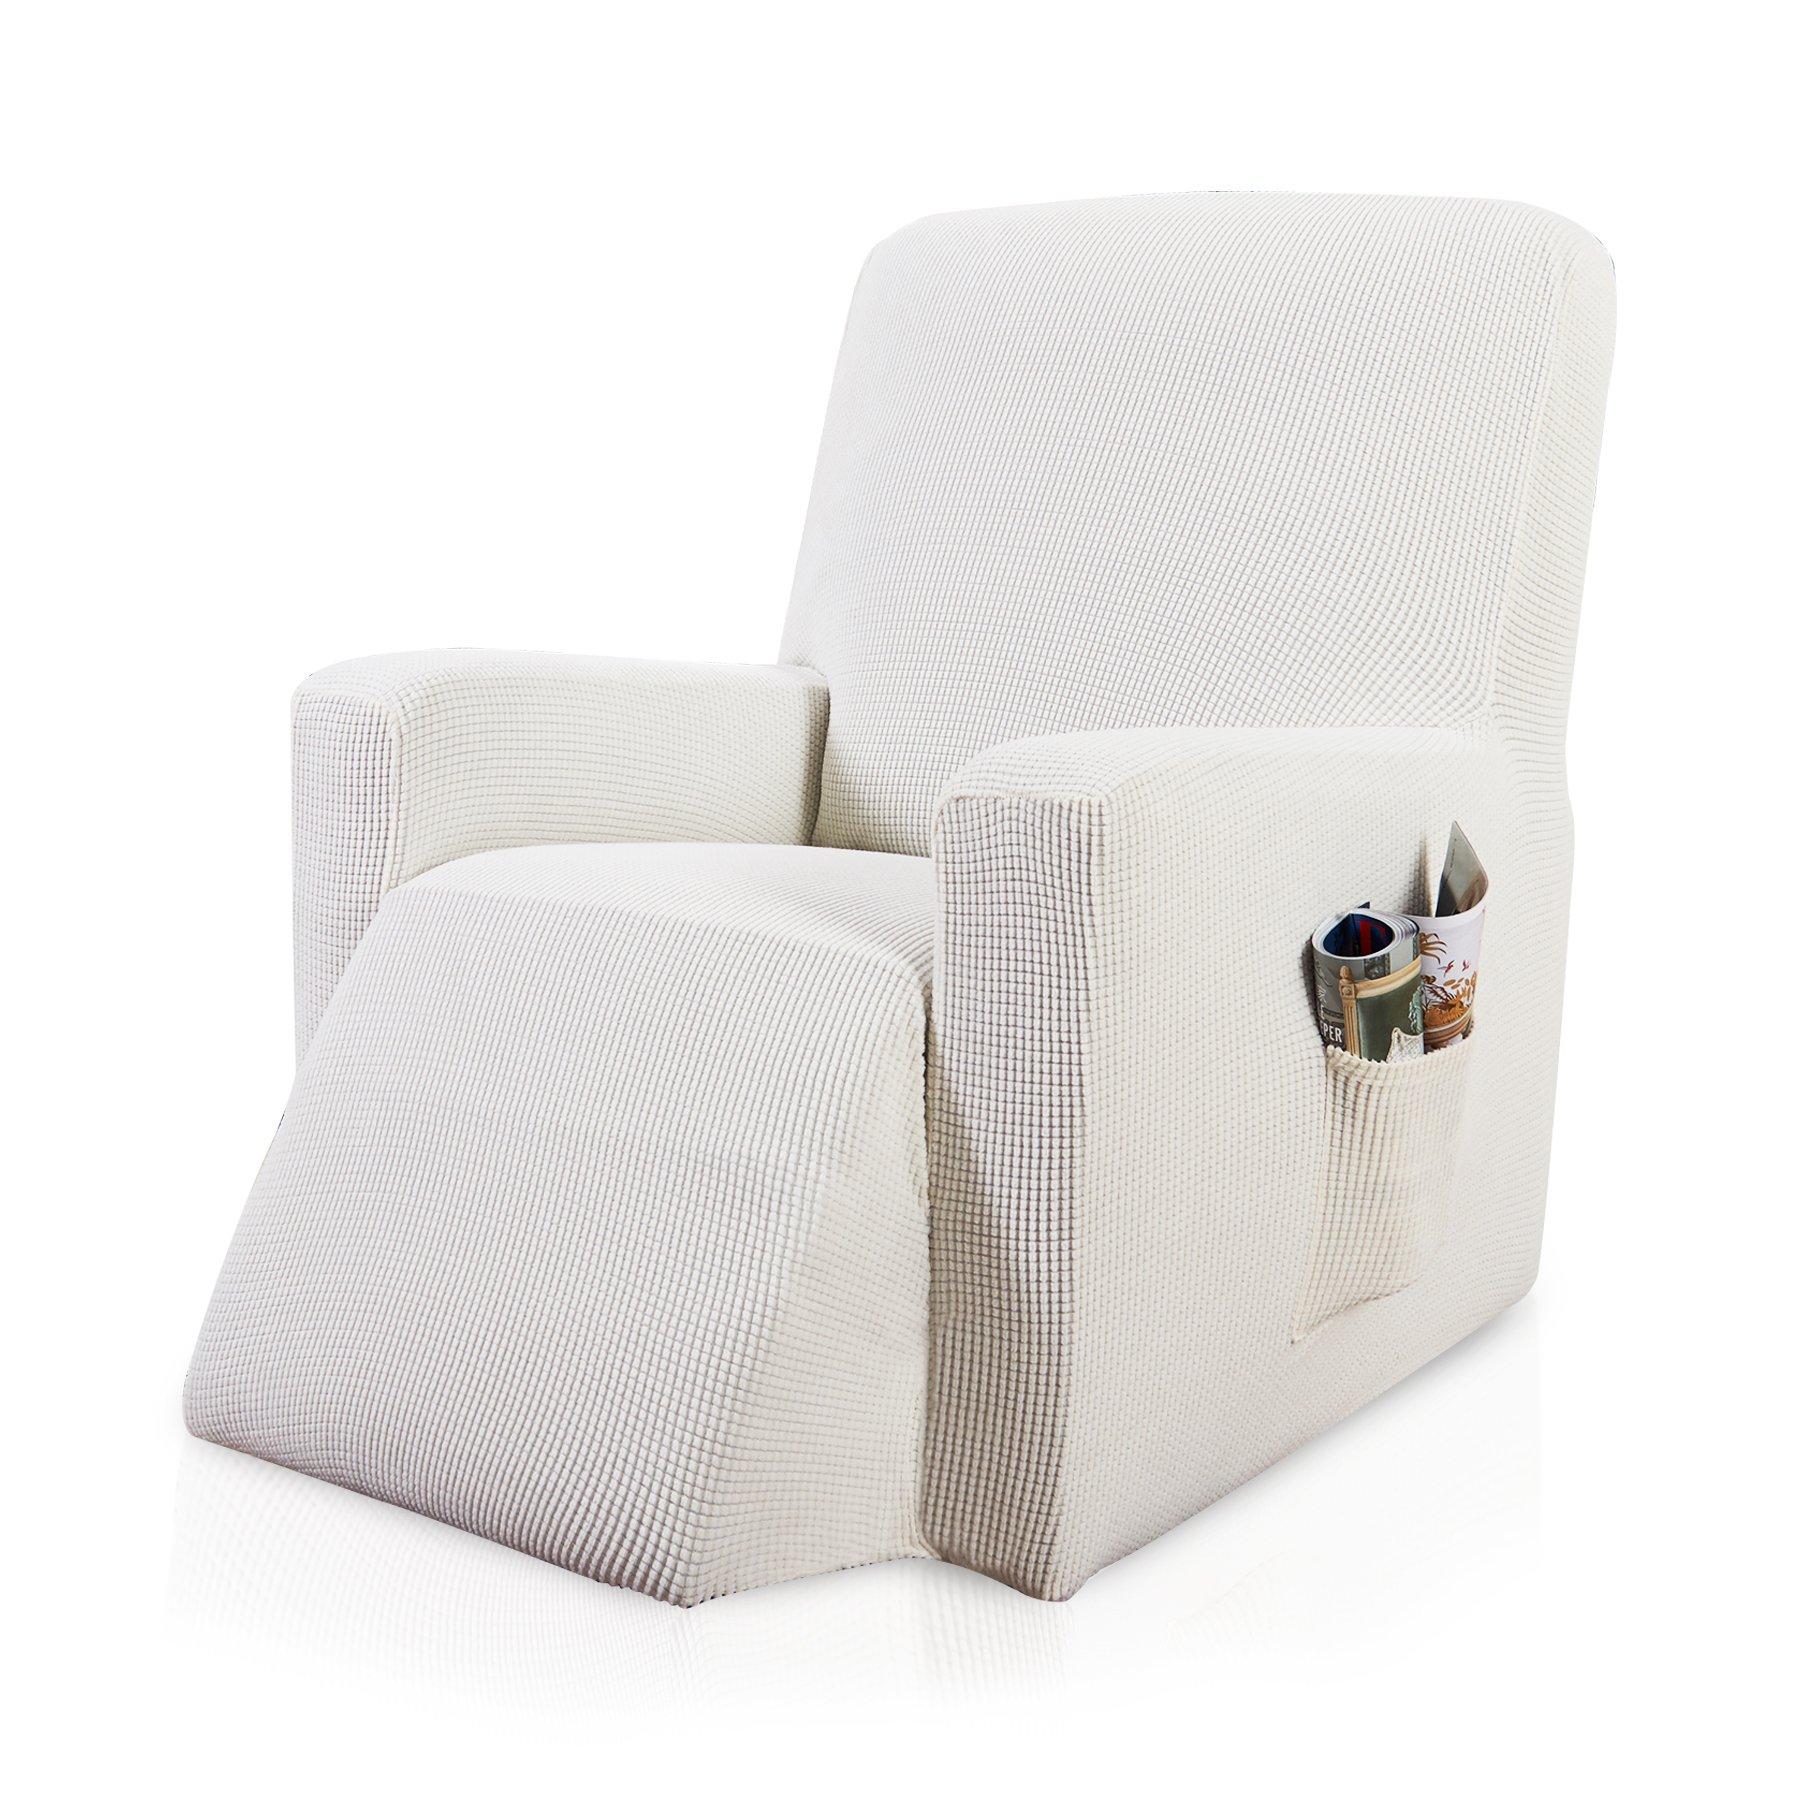 Subrtex 1-Piece Spandex Stretch Sofa Slipcover (Recliner, Off-White)